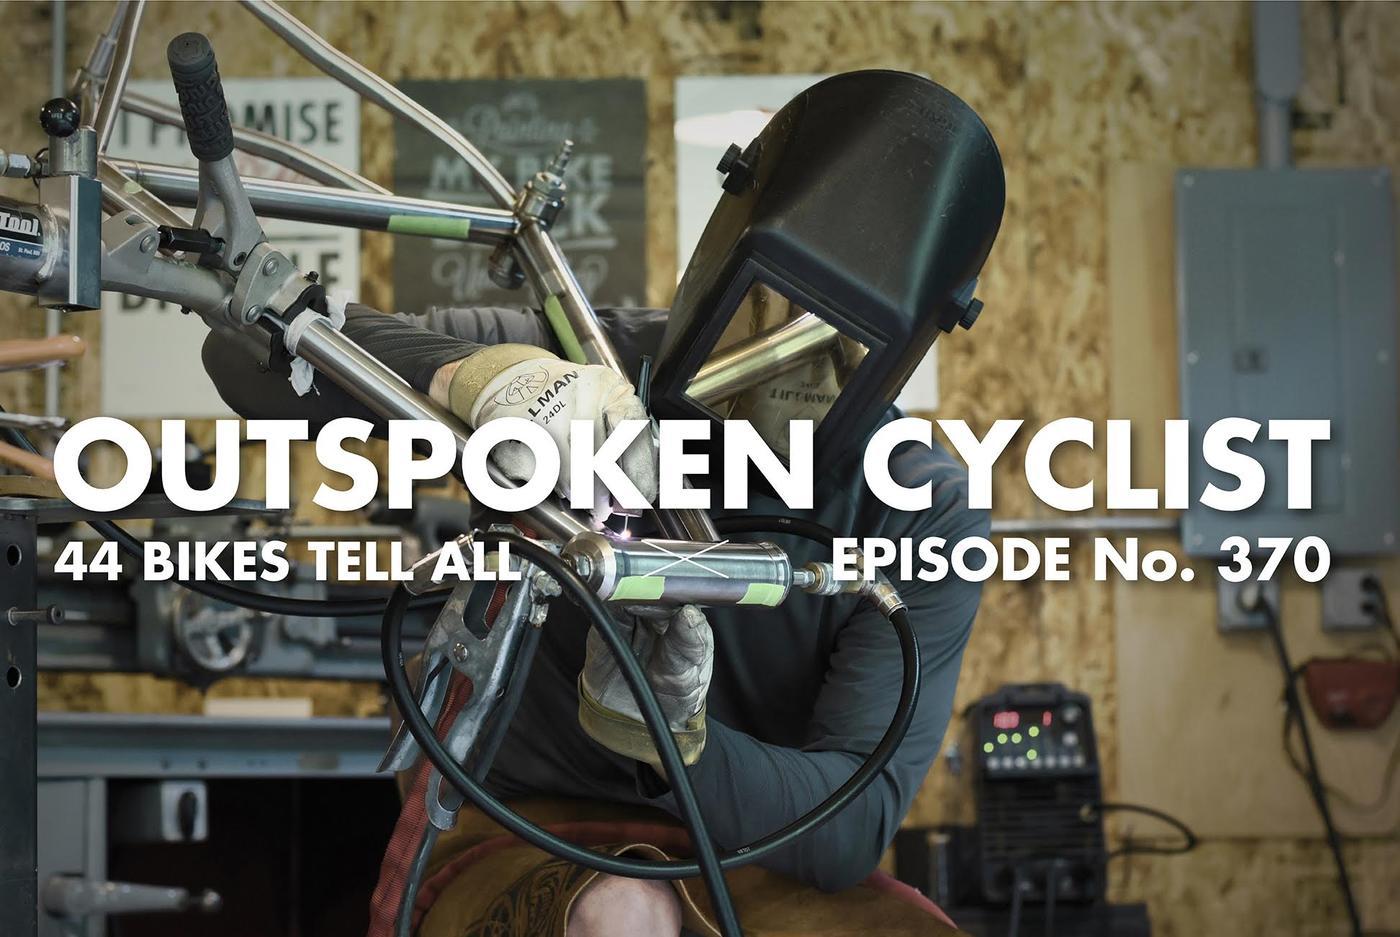 44 Bikes Tells it All